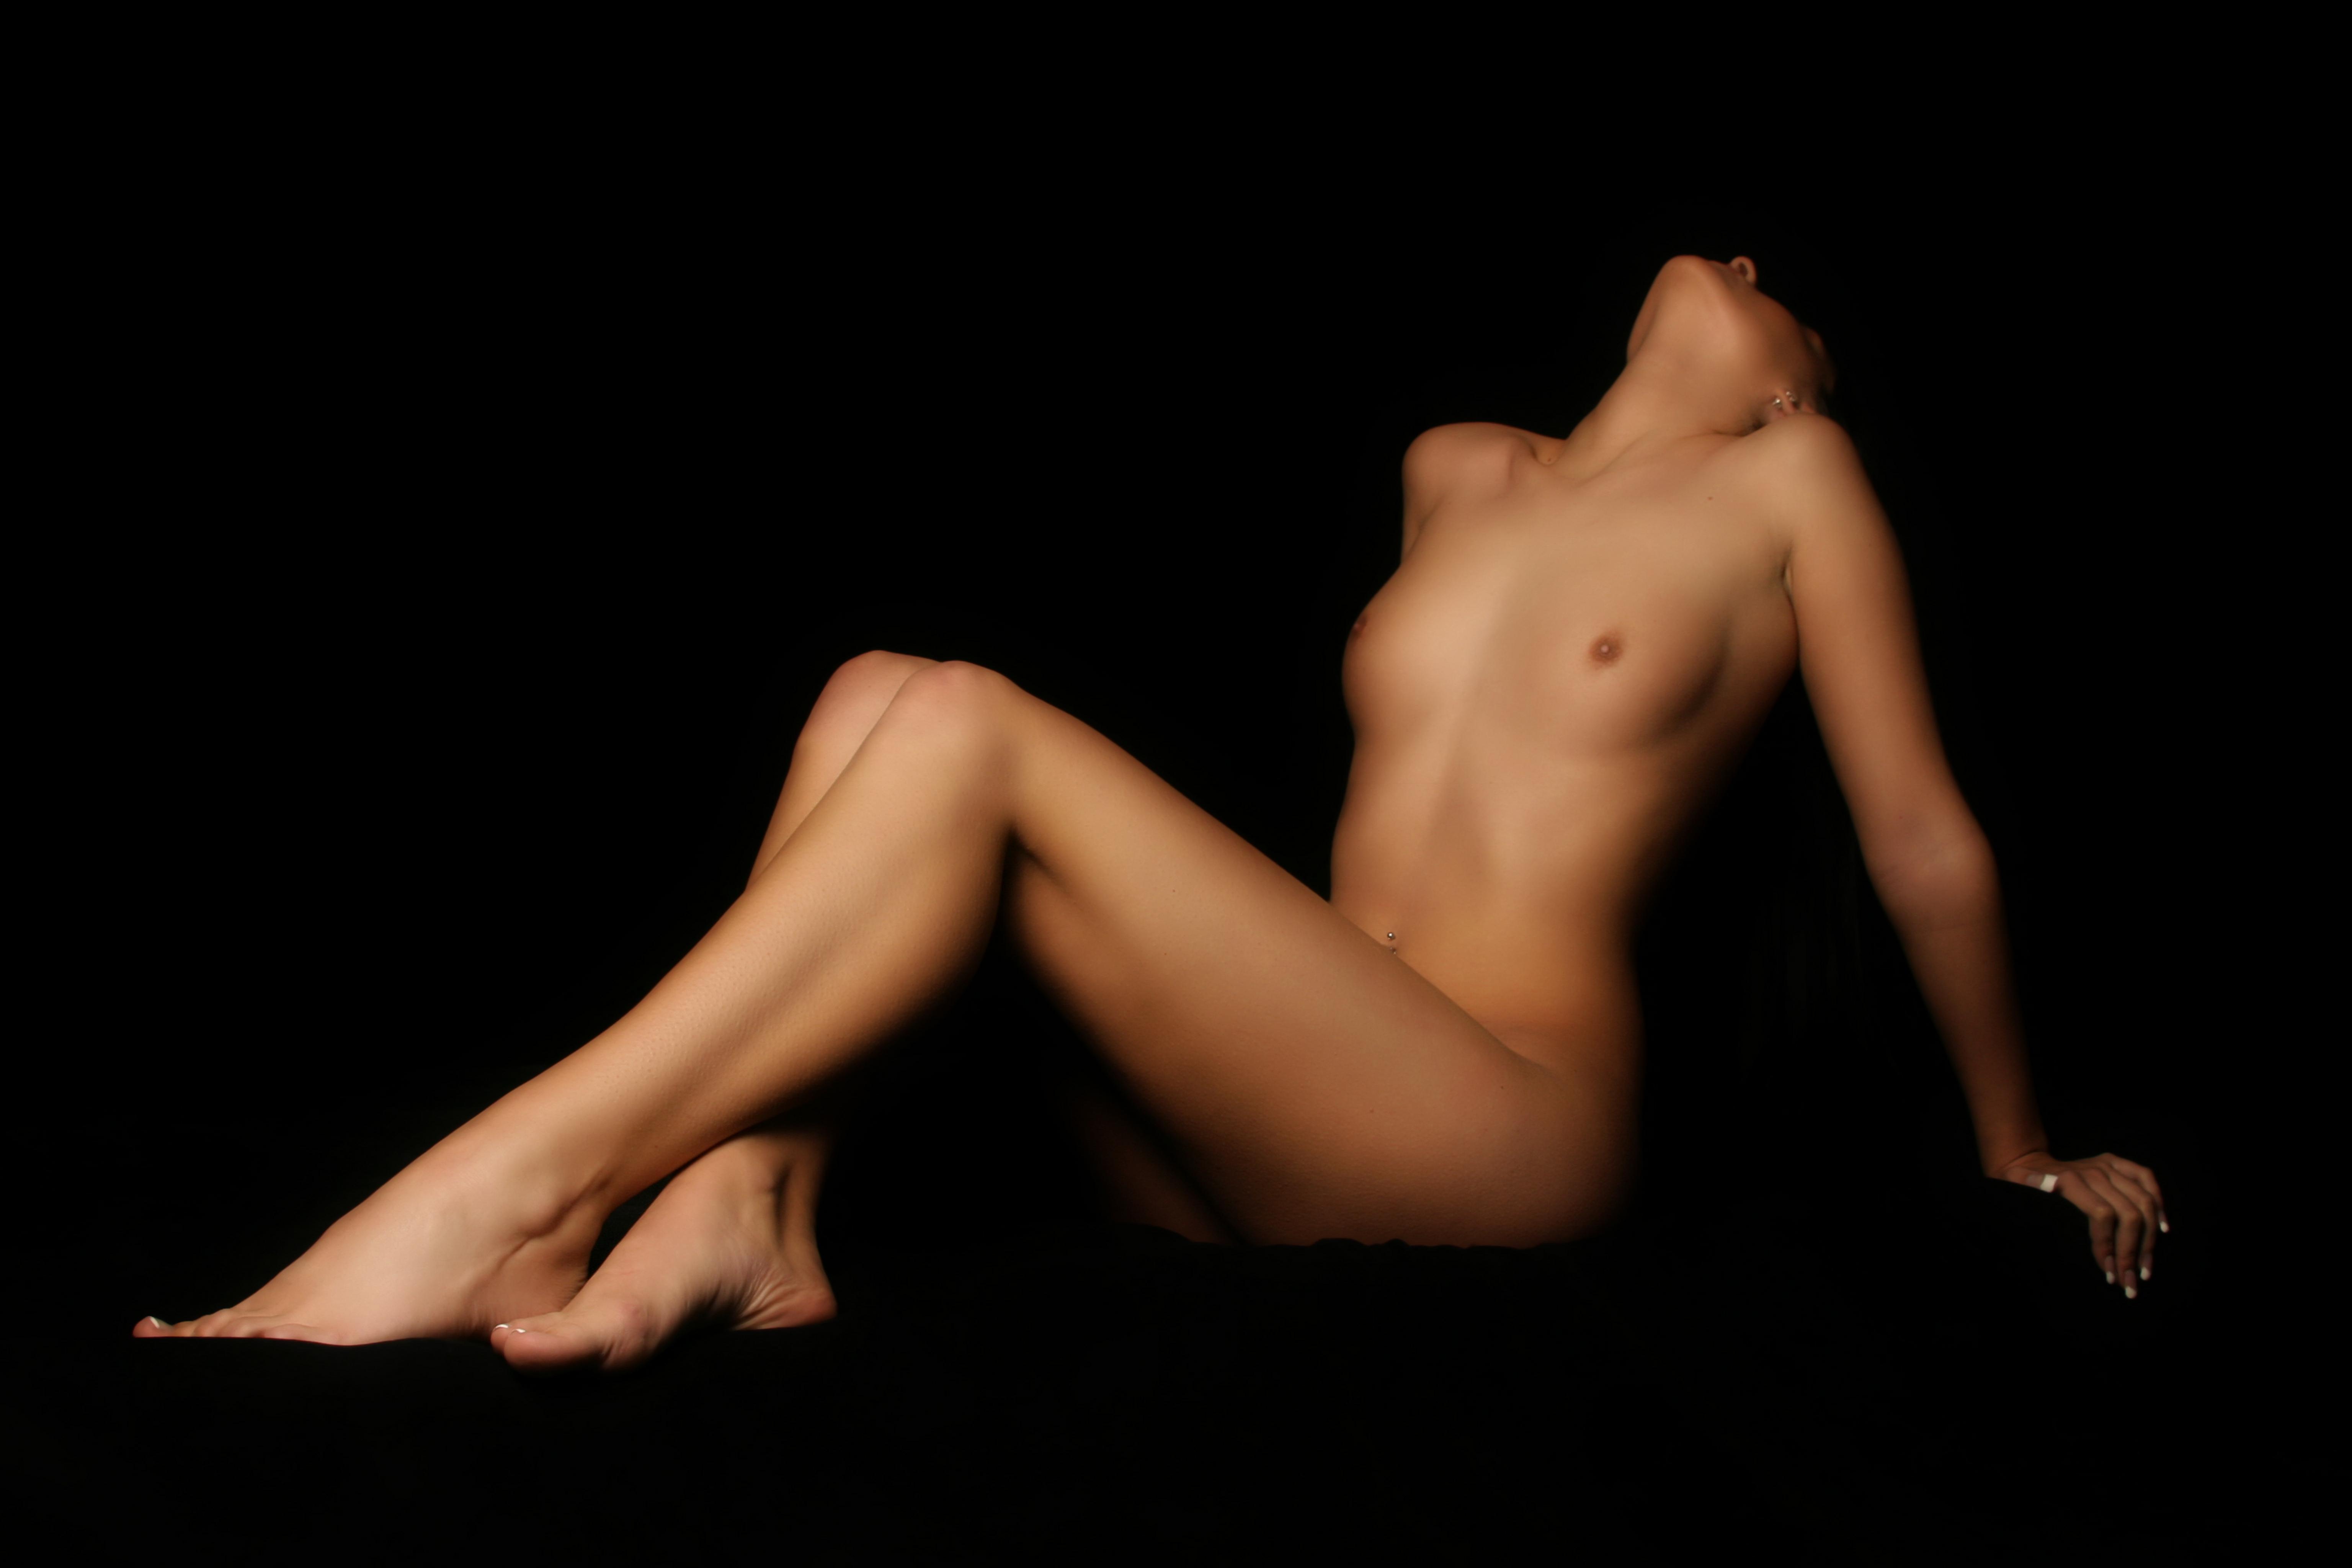 голое красивое женское тело-шж1